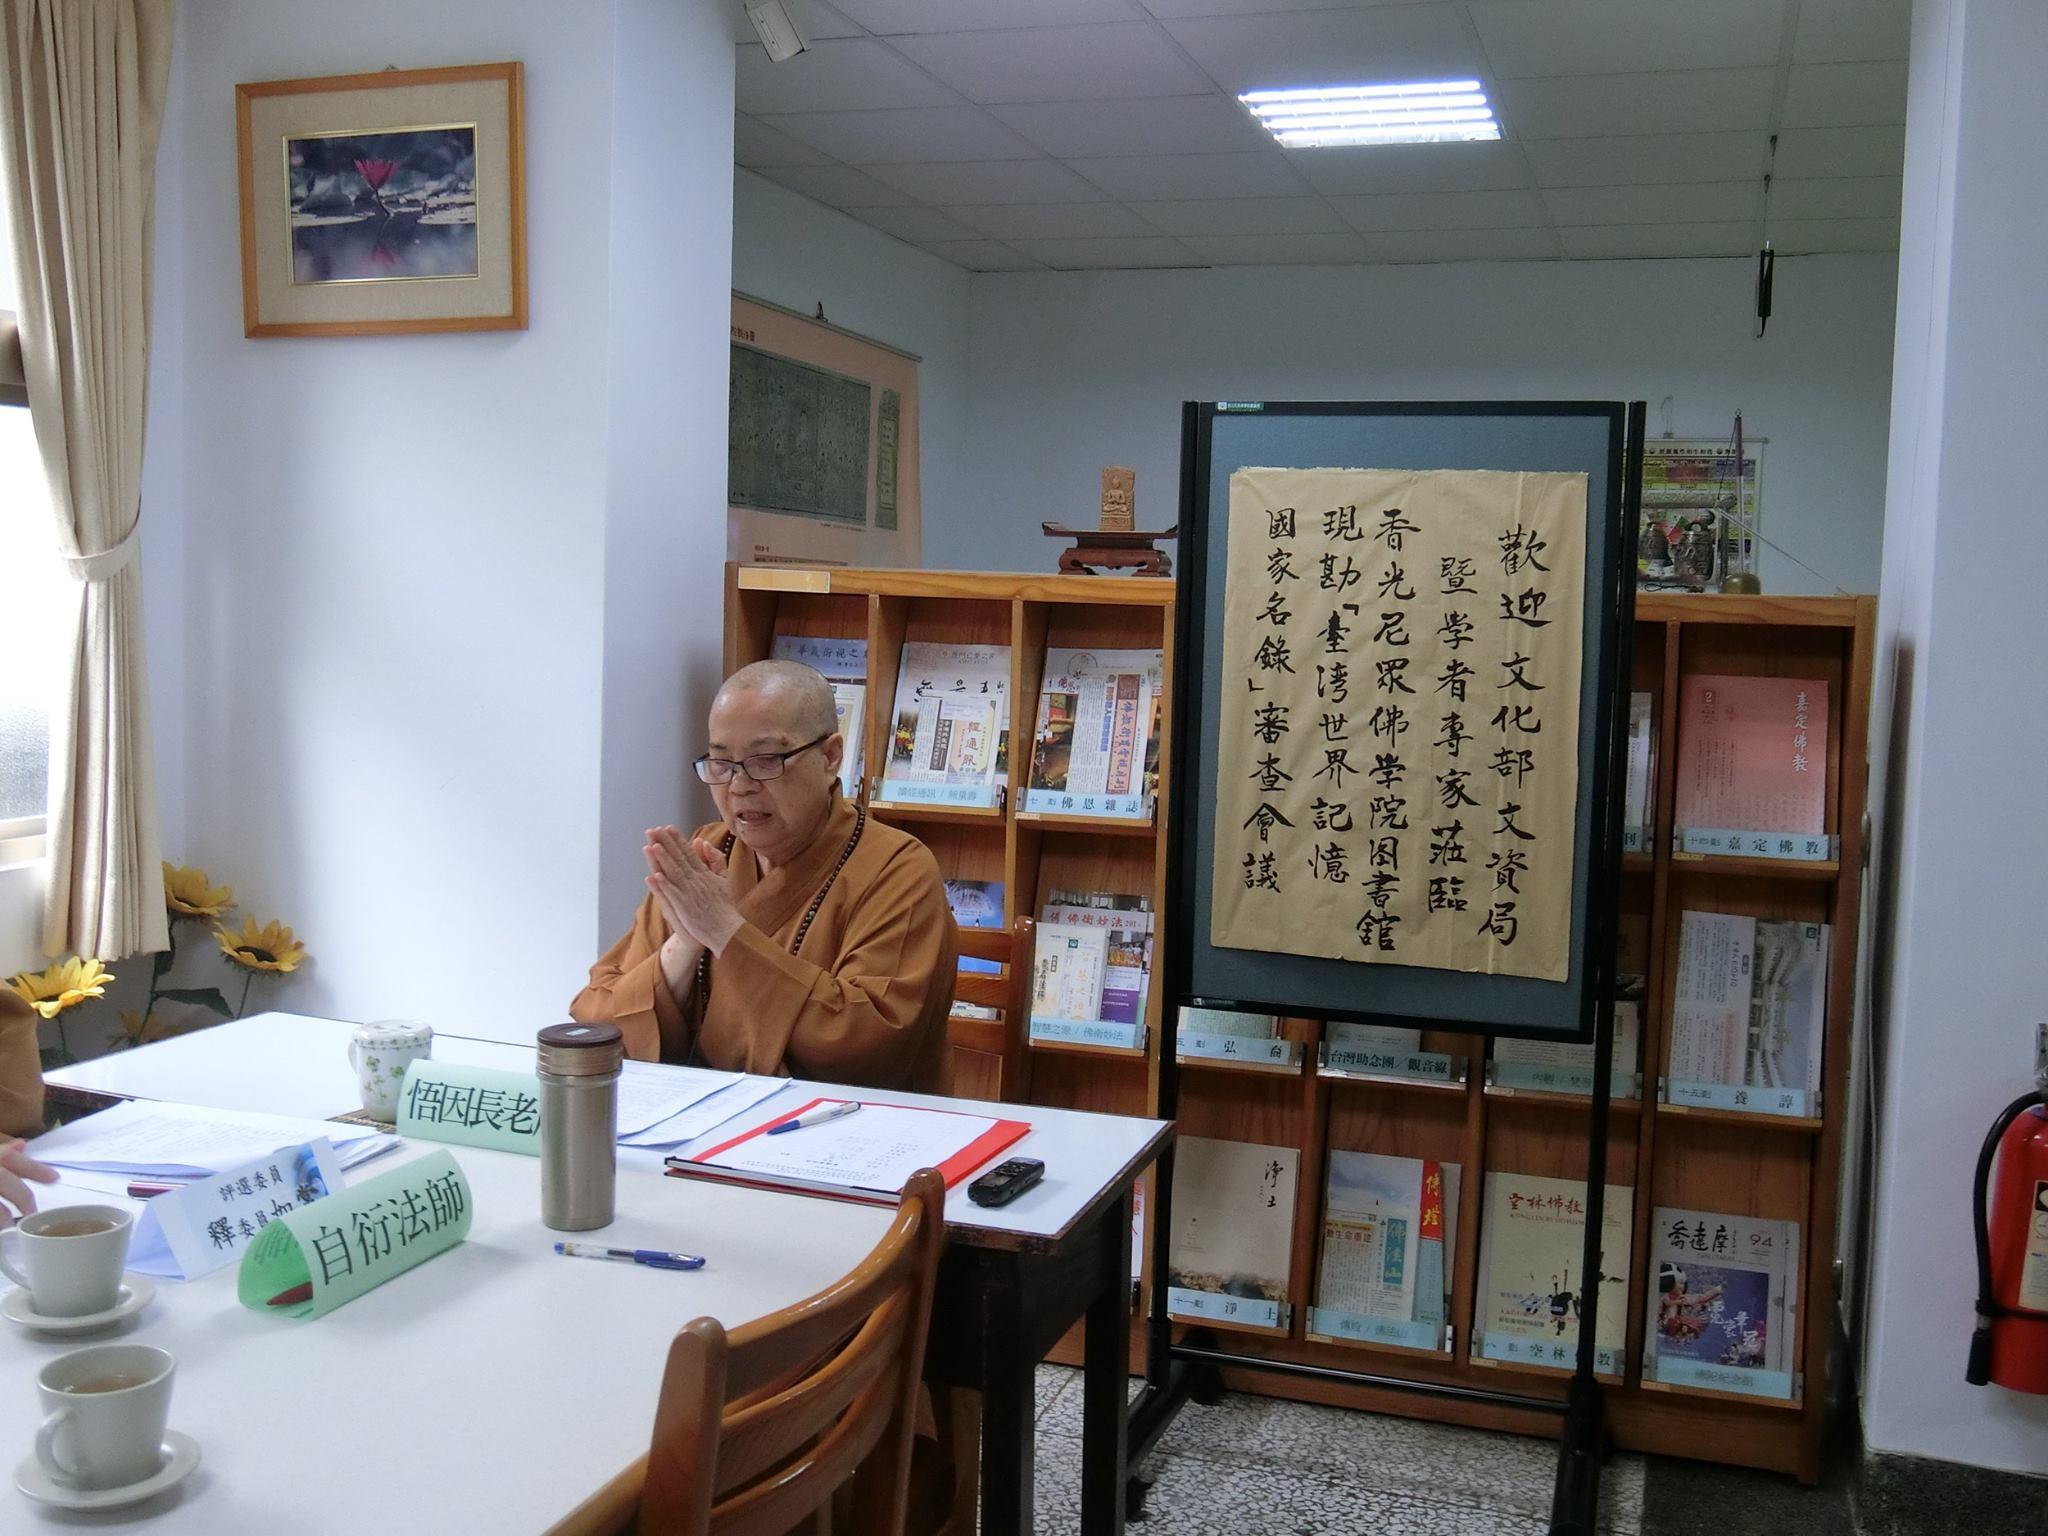 悟因長老尼開示香光尼眾佛學院圖書館典藏重要文獻的因緣。